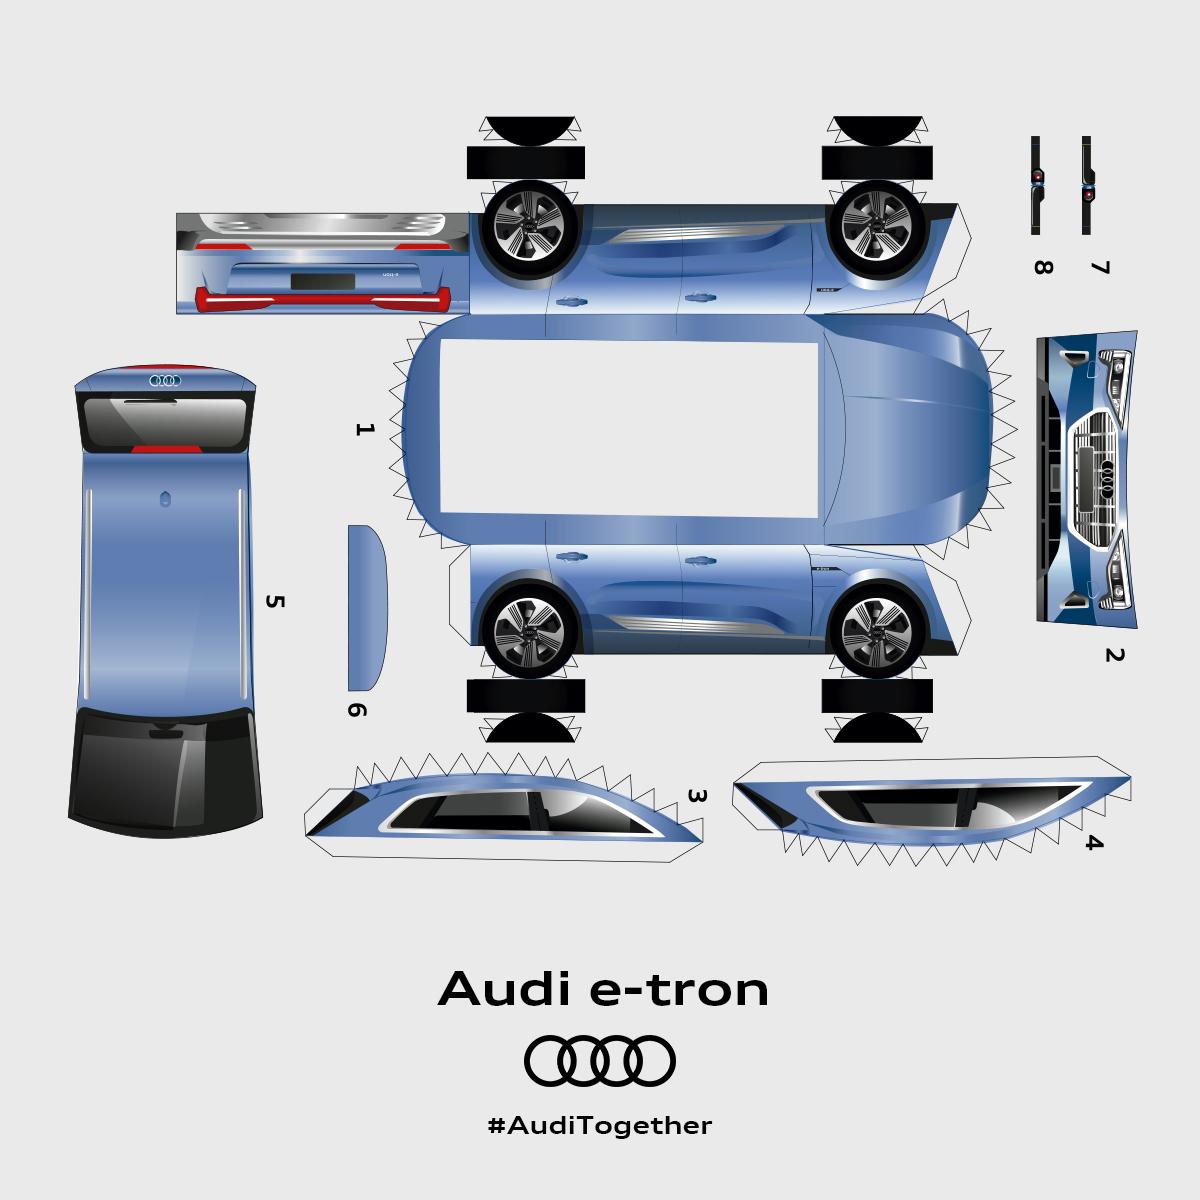 #quarantinequattro: Audi Of America Releases Paper Cutout